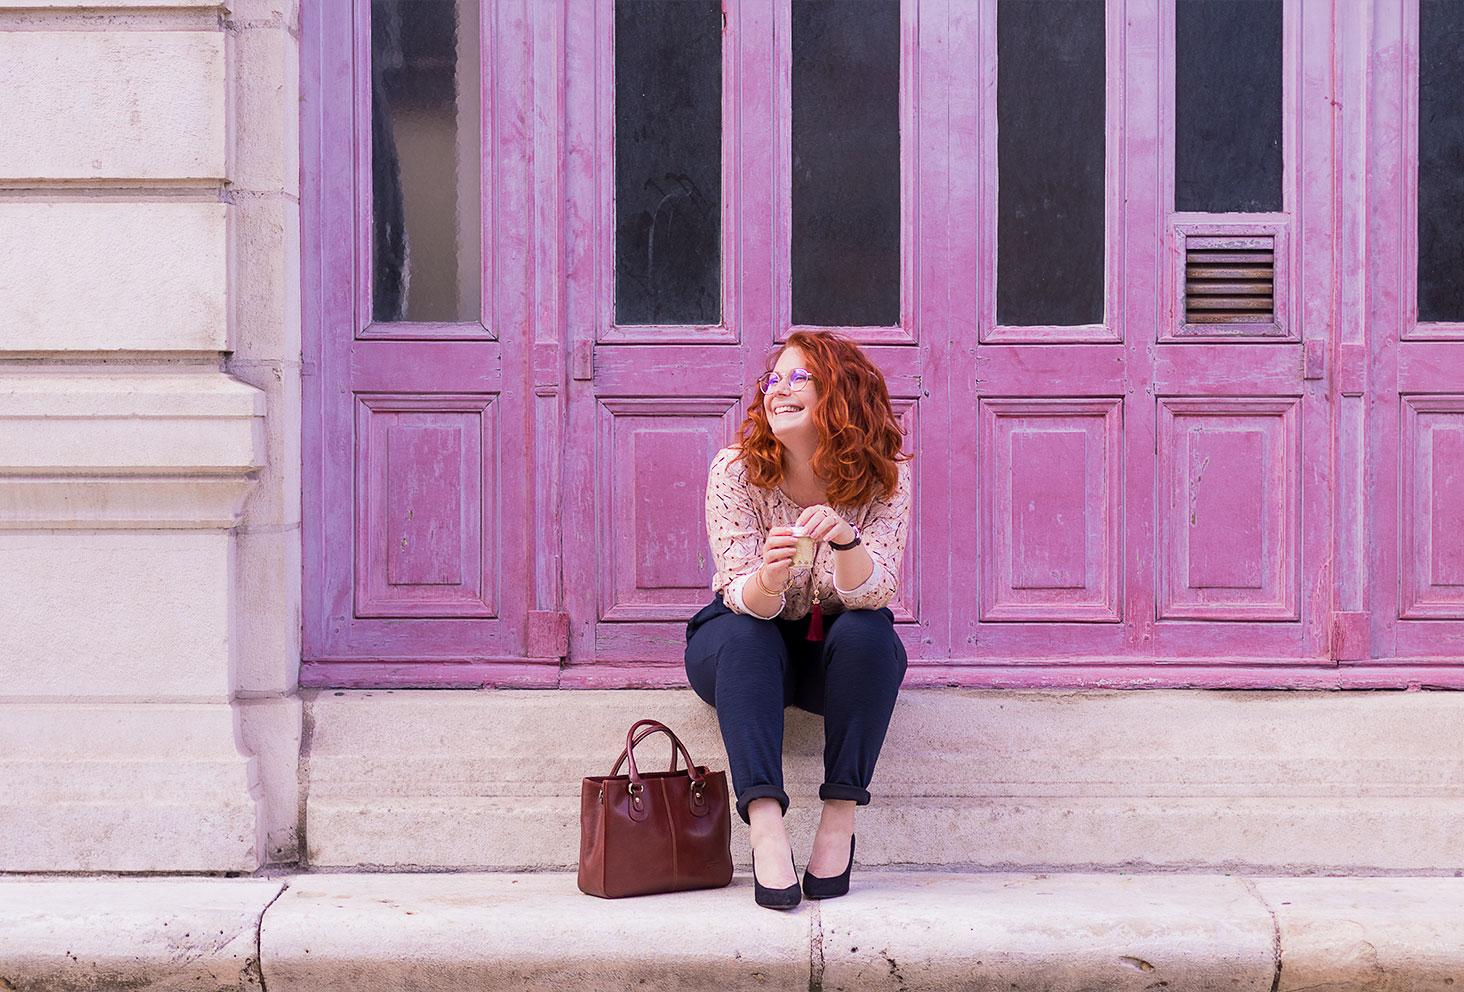 Assise sur les marches en pierre du grand théâtre de Tours, devant les portes vintages roses, en total look de working girl